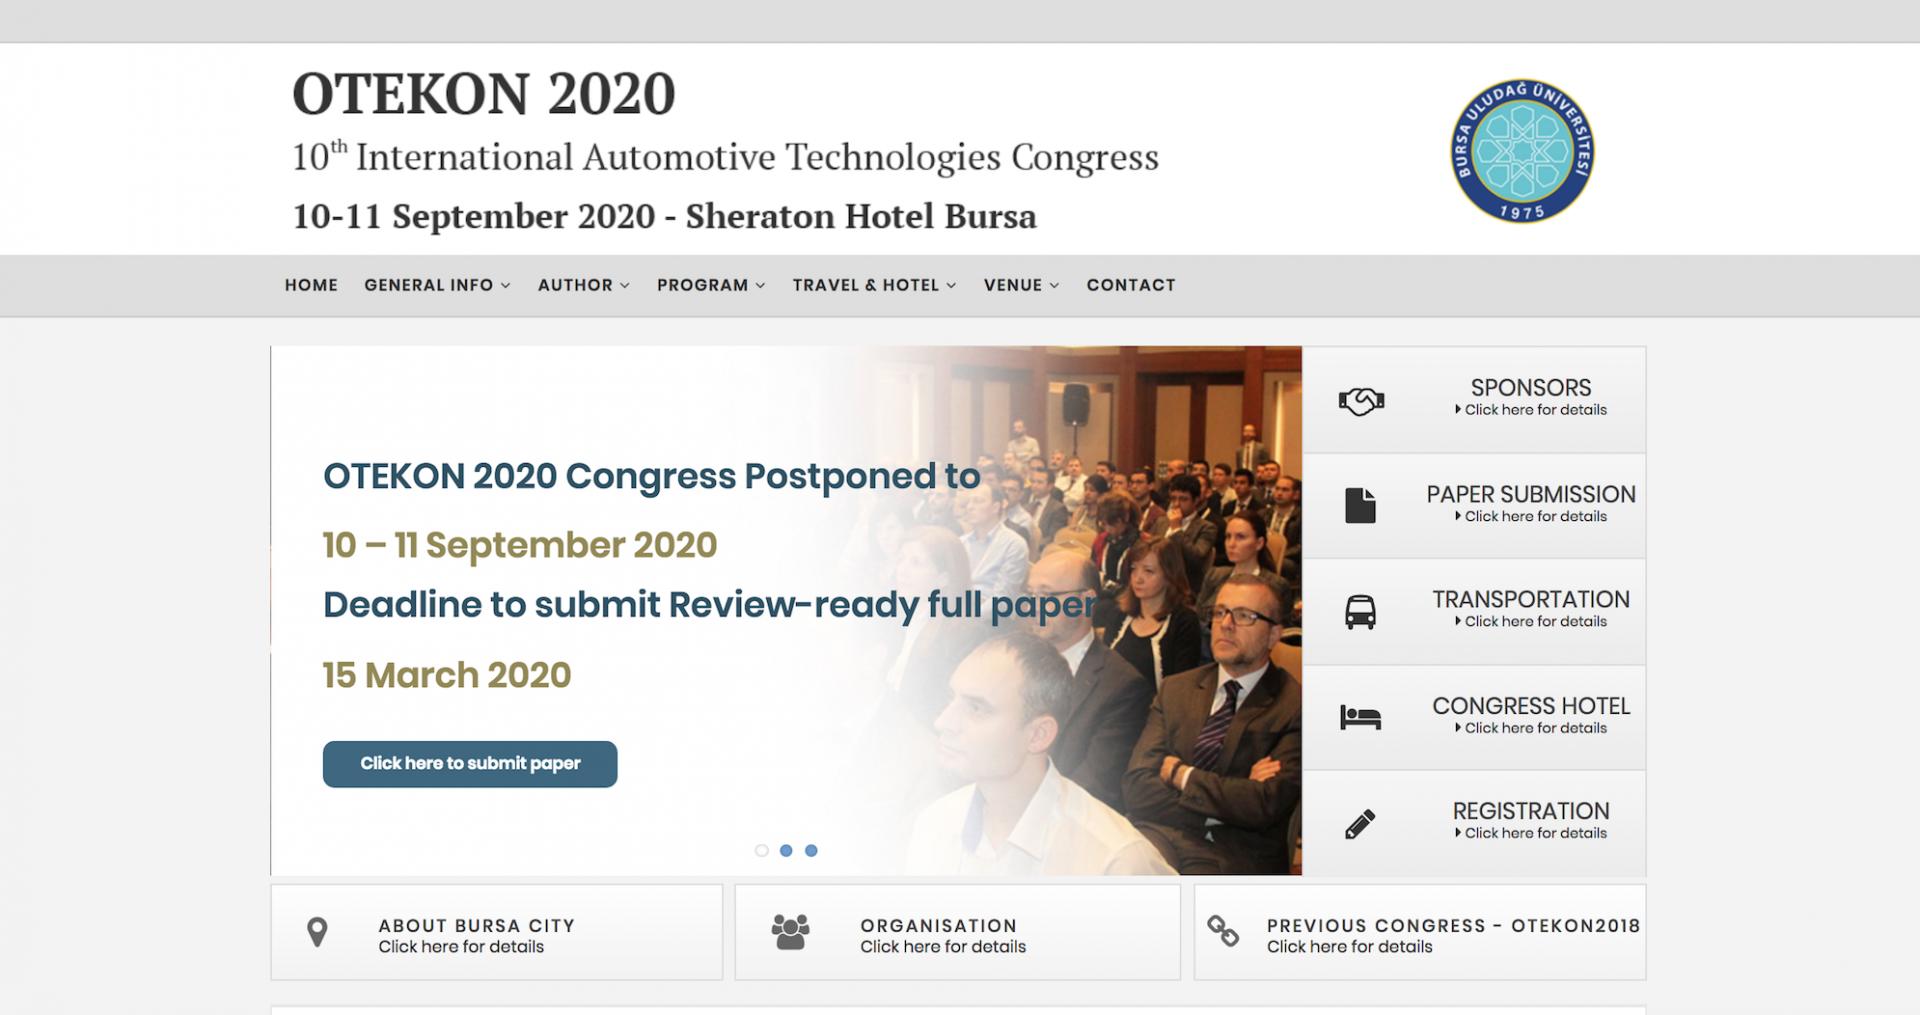 OTEKON 2020 Kongresi 10-11 Eylül 2020 de Bursa' da yapılacaktır